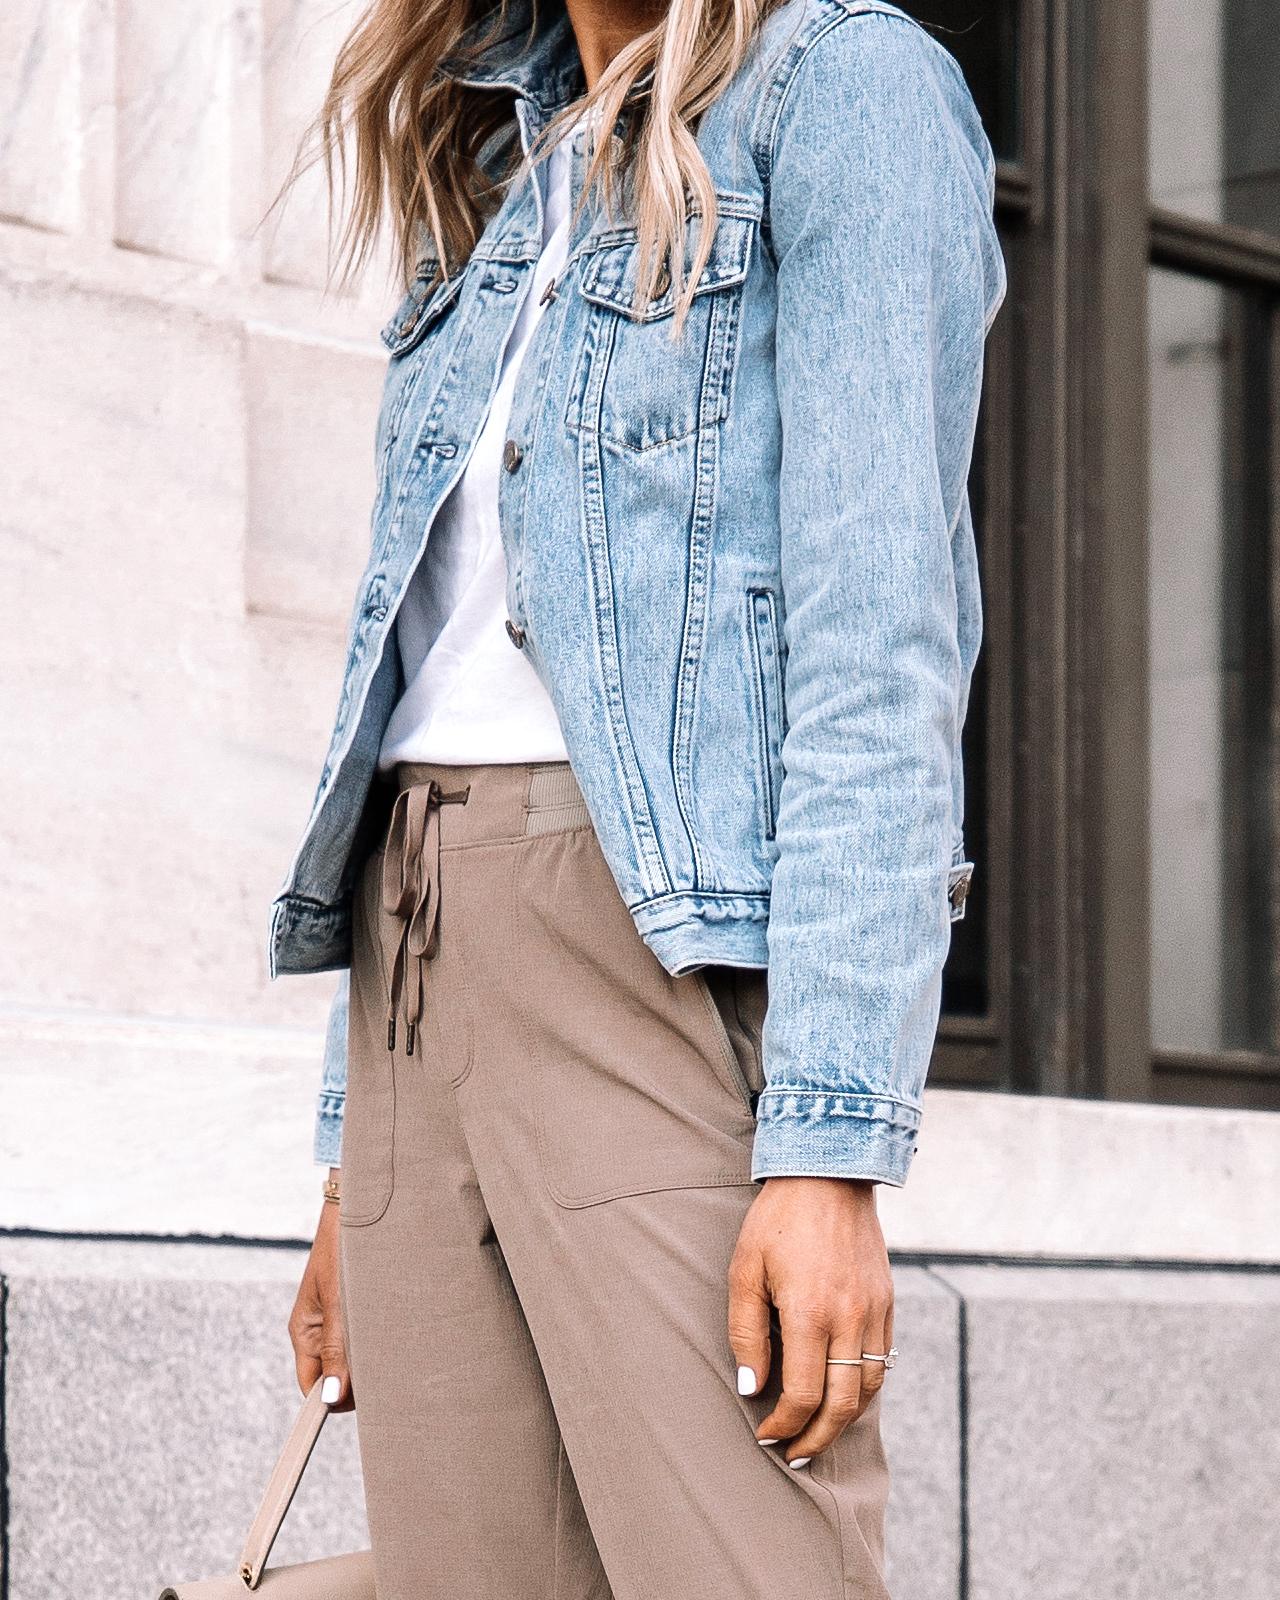 Fashion Jackson Wearing Gap Denim Jacket